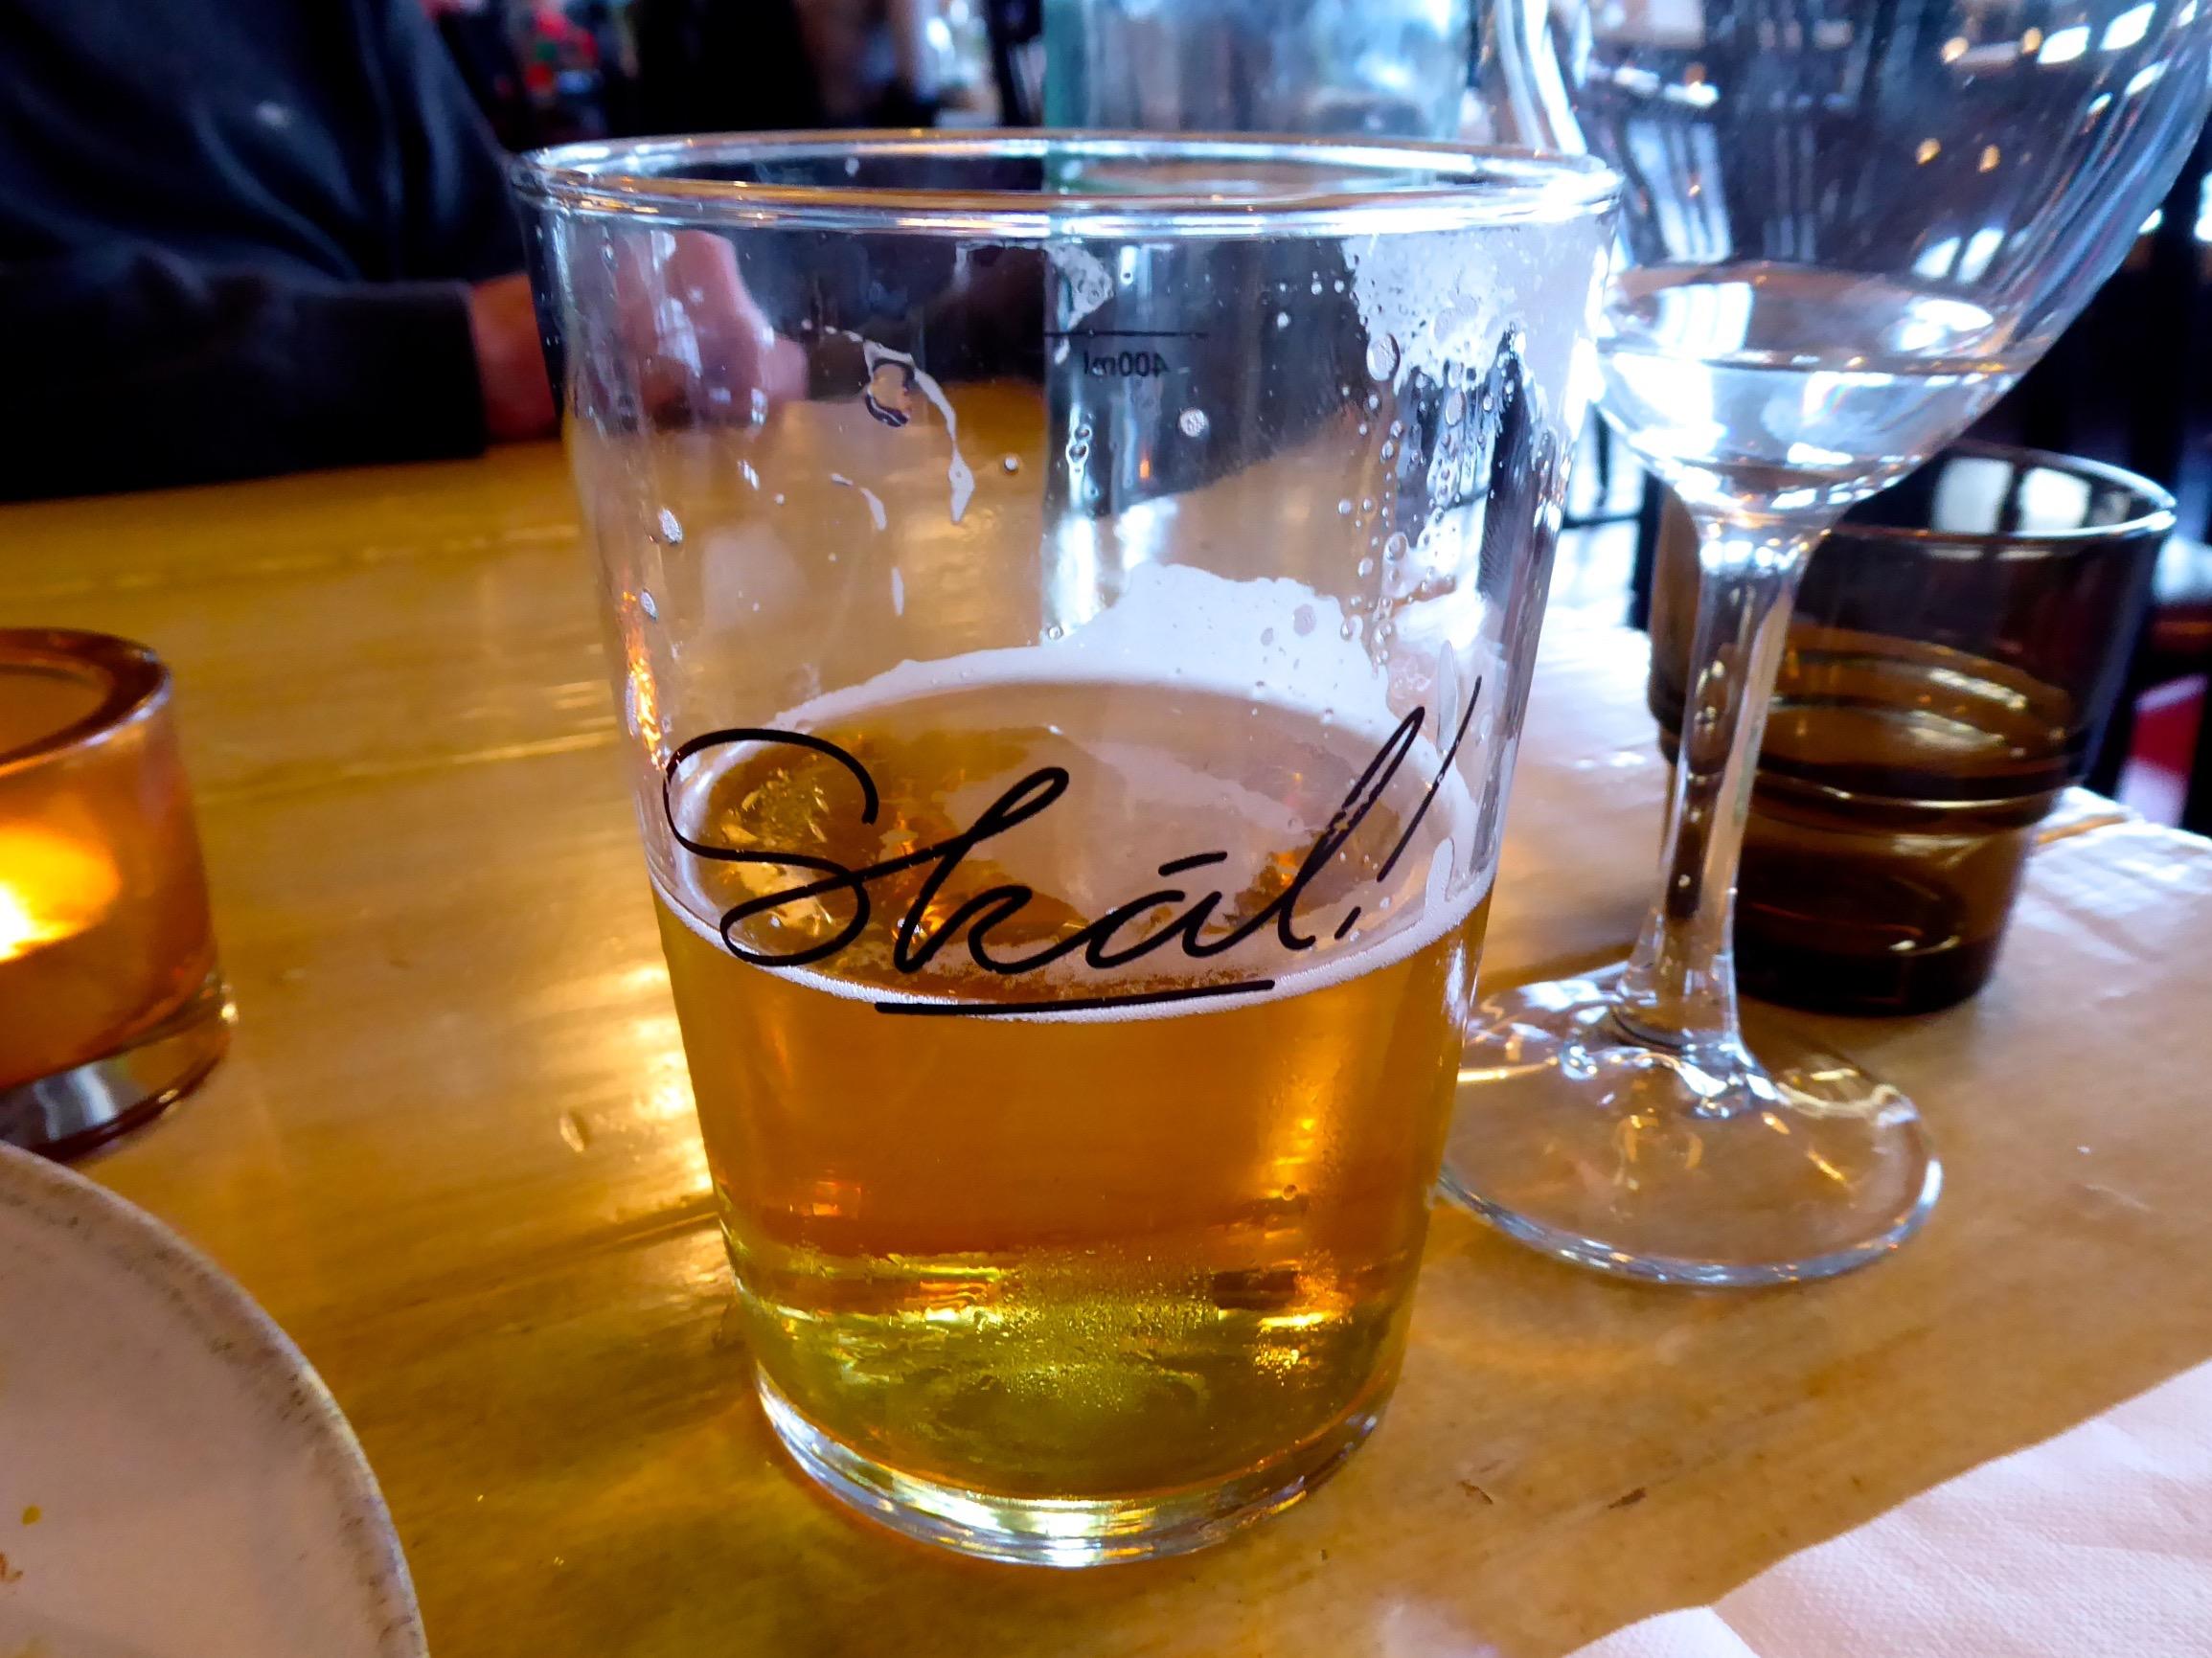 auf der Insel Westmänner gebrautes Bier